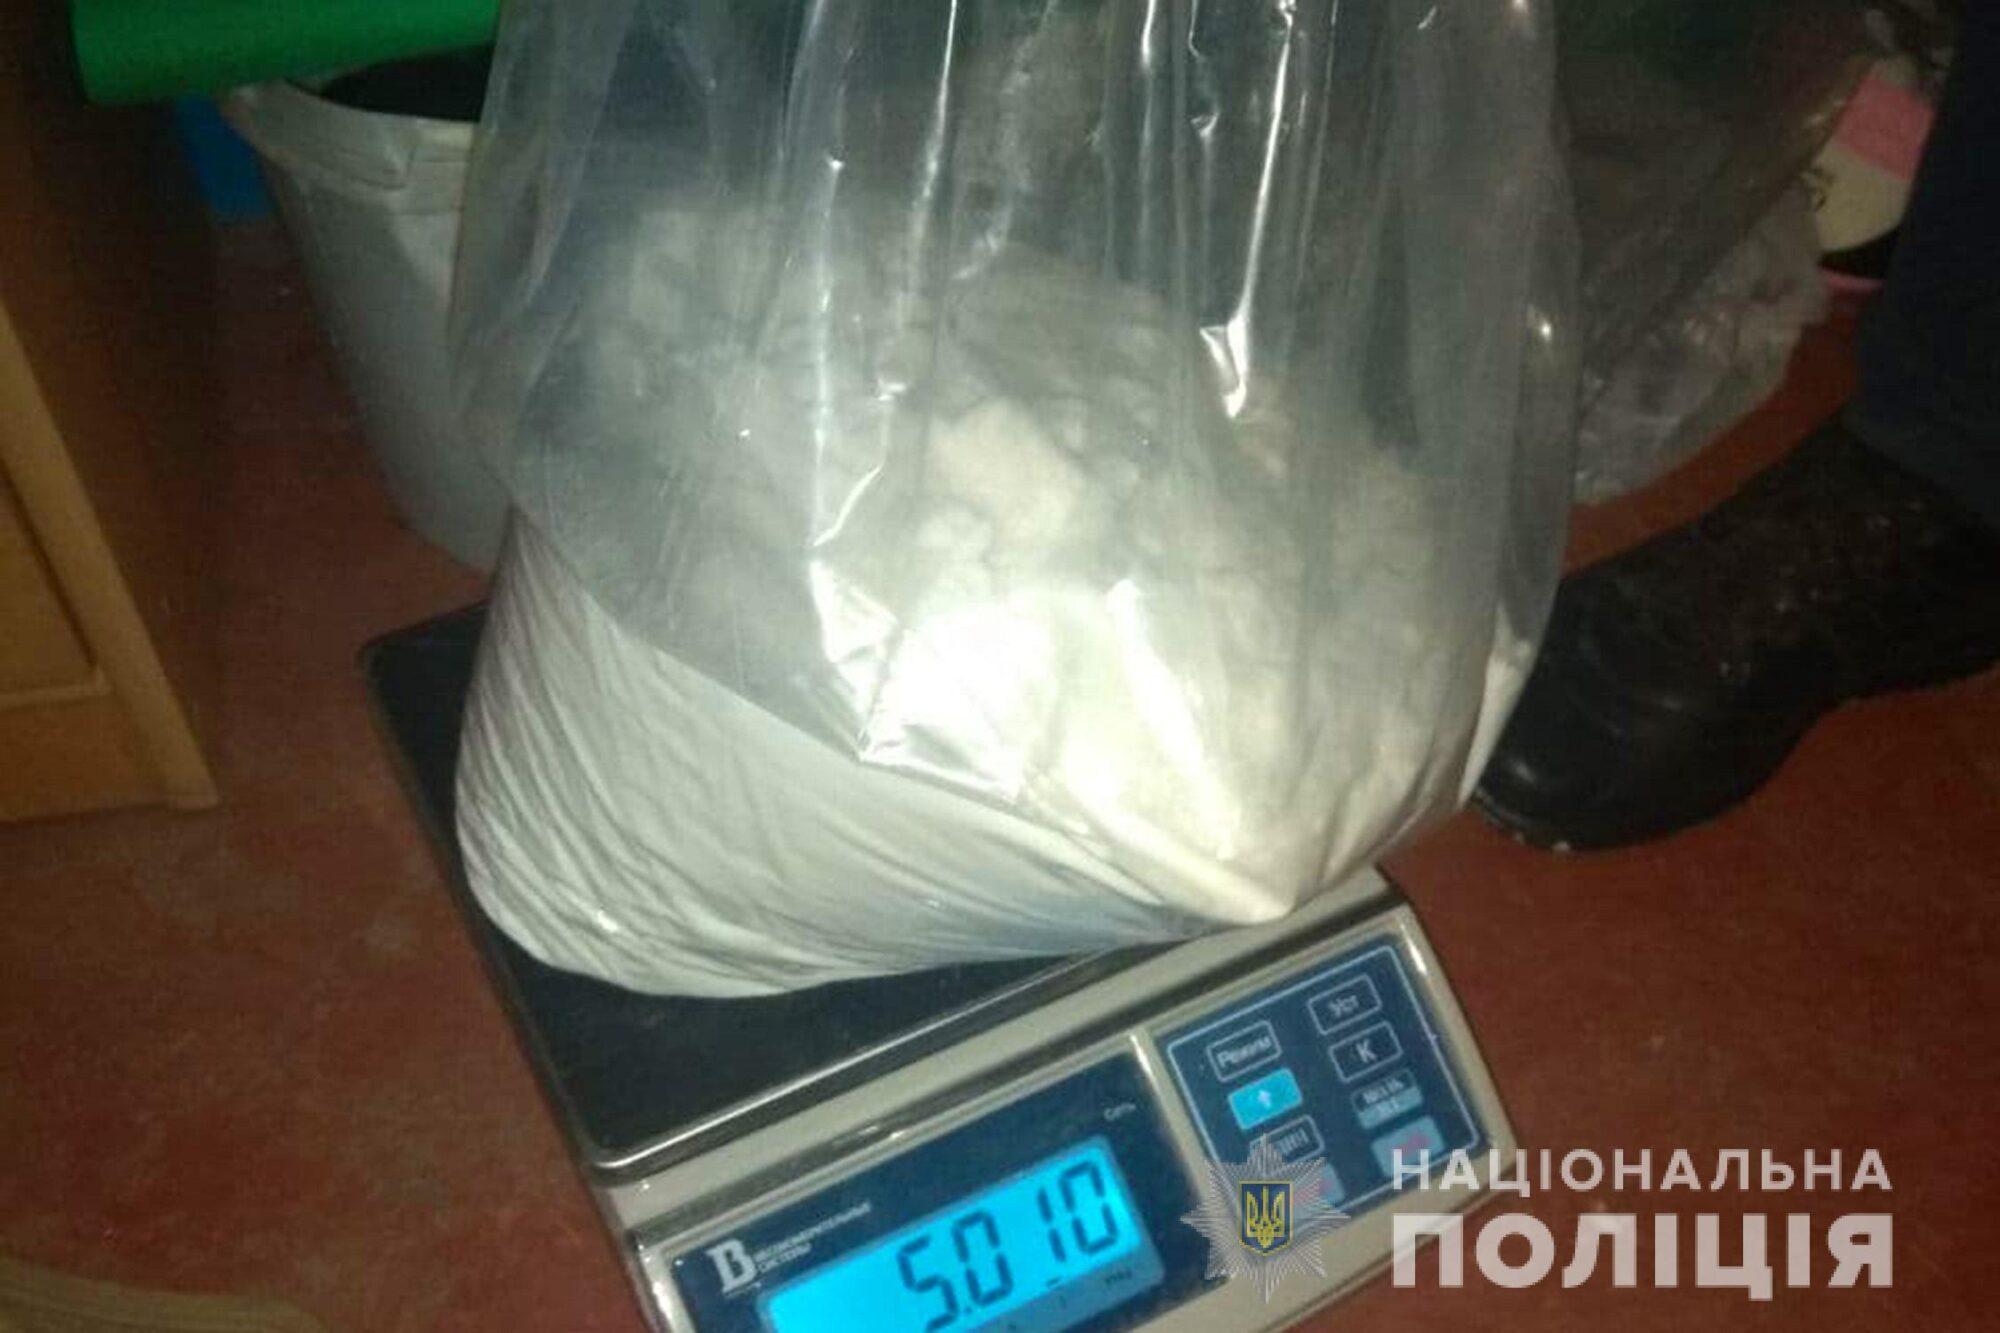 Київщина: у ділків з нарколабораторії вилучили метадону на 10 млн грн - продаж наркотичних засобів, нарколабораторія, Метадон - DBN labar 4 18 01 21 2000x1333